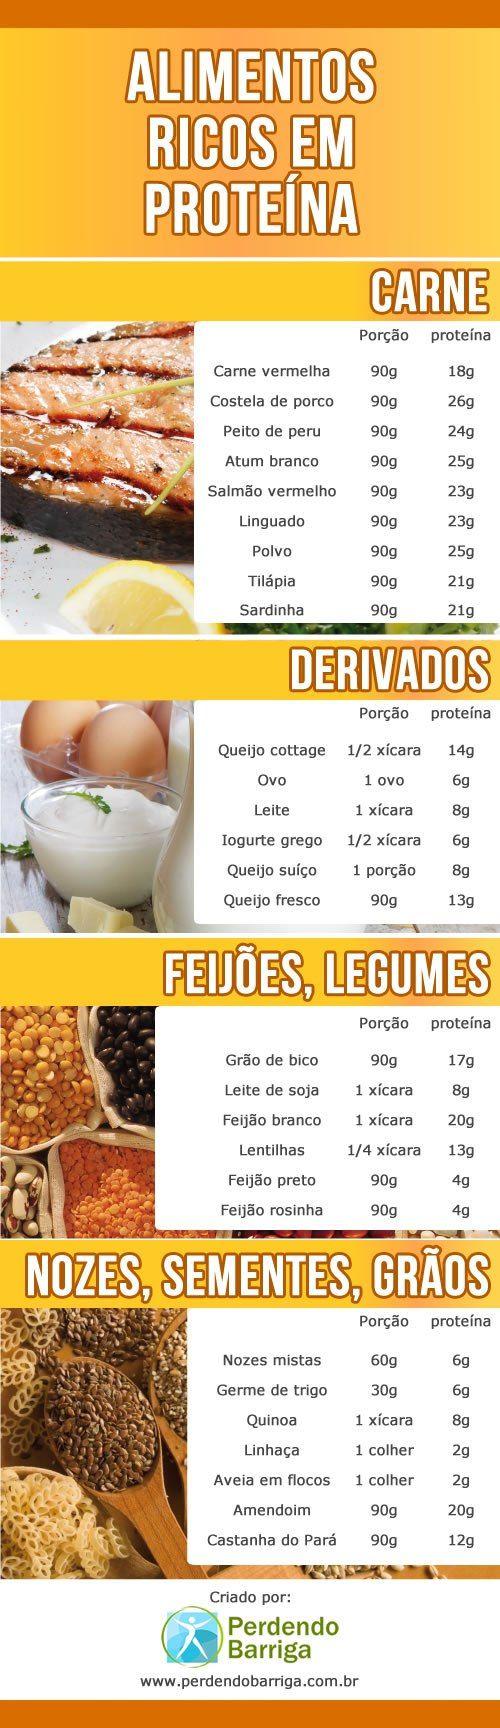 Alimentos ricos em prote nas pinterest prote na alimentos y dietas - Alimentos vegetales ricos en proteinas ...